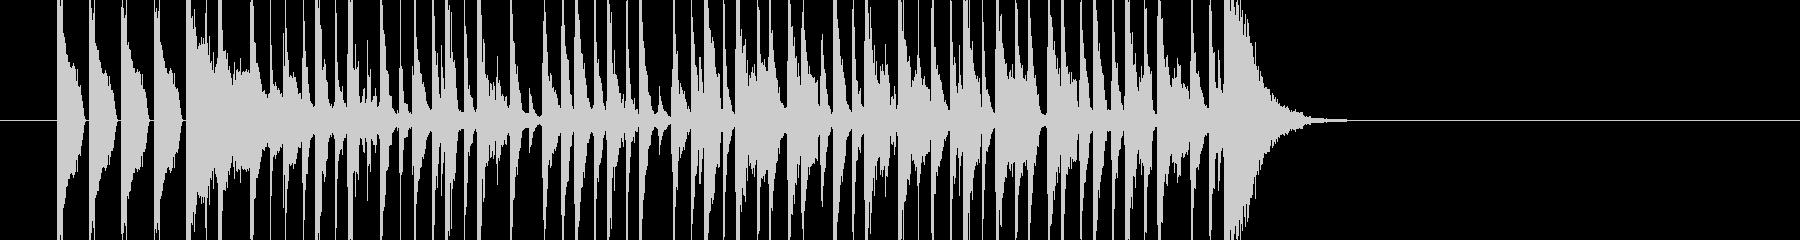 クイズ 出題の未再生の波形